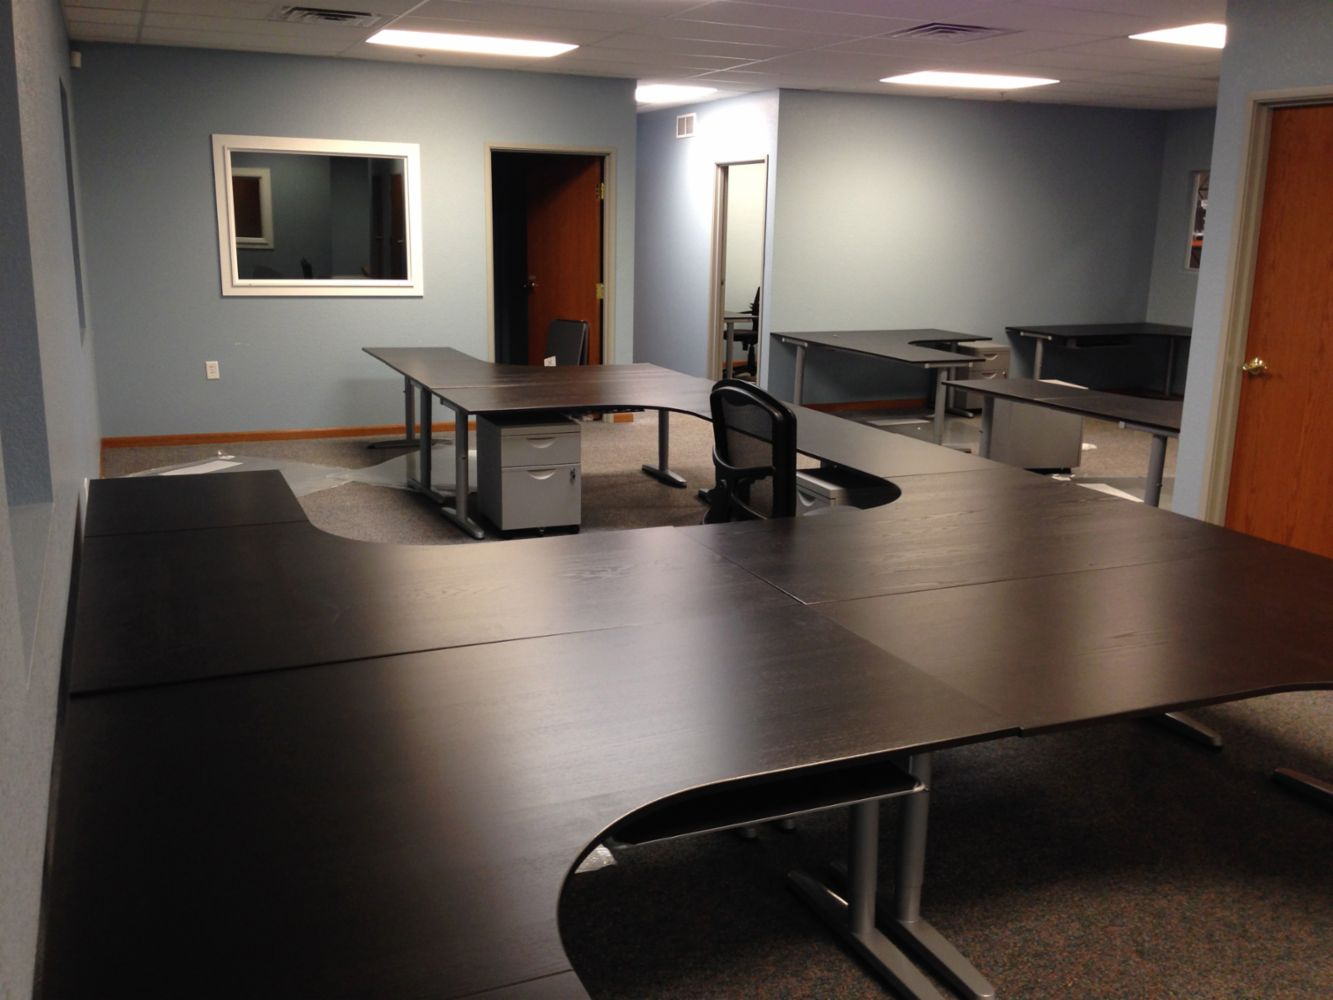 furniture assembly and installation services denver. Black Bedroom Furniture Sets. Home Design Ideas